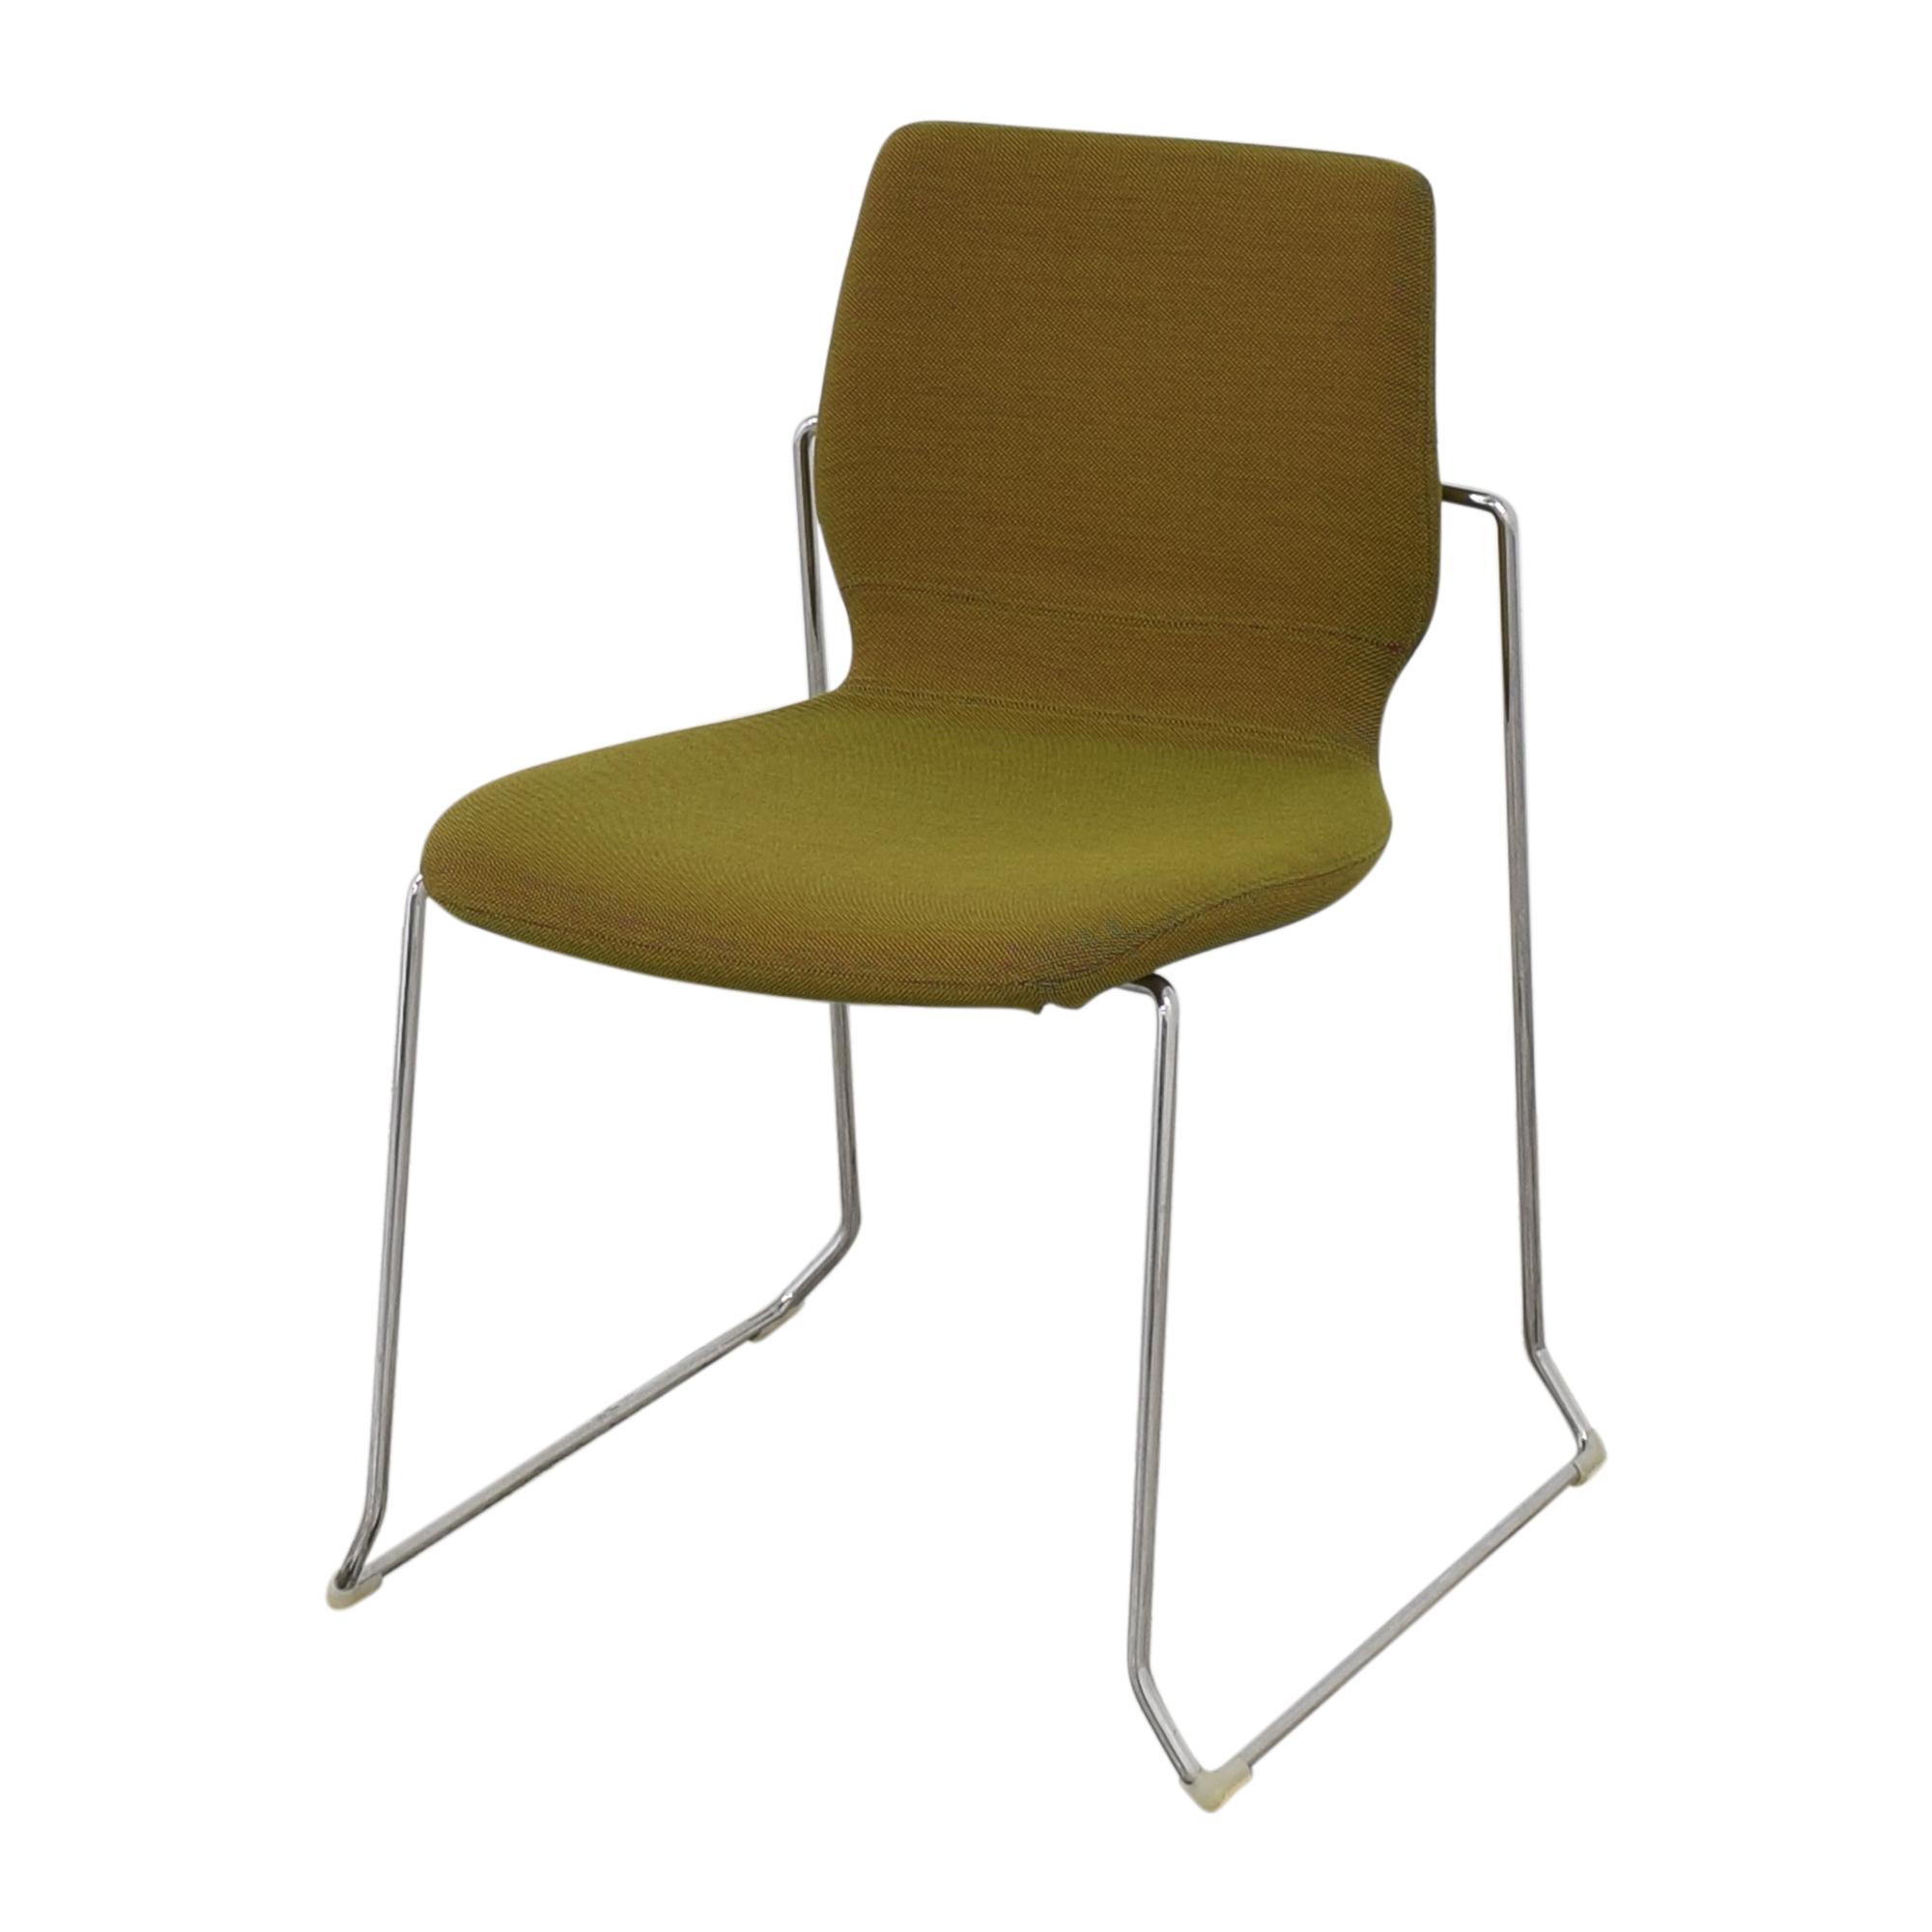 Koleksiyon Asanda Armless Chair Koleksiyon